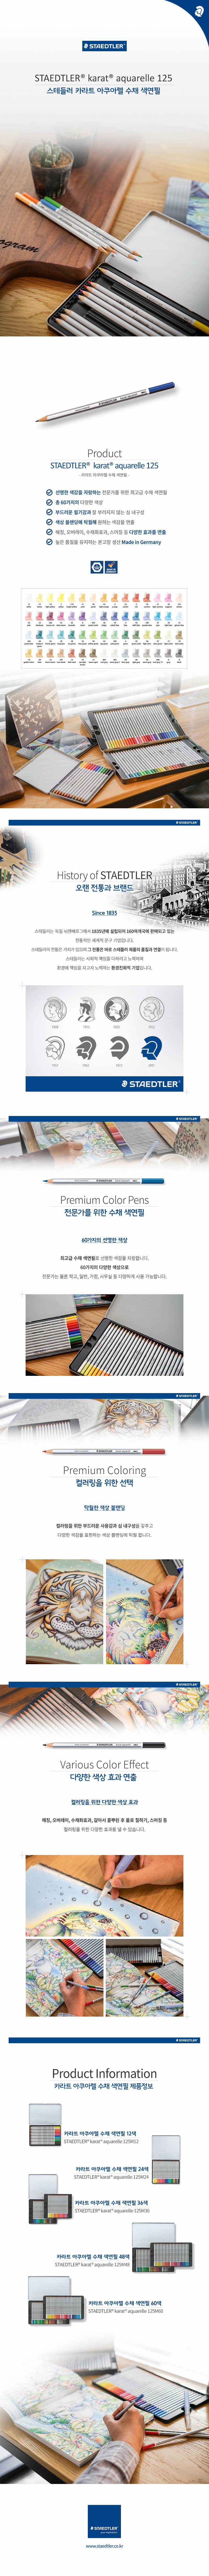 스테들러 카렛 125 아쿠아 수채색연필 - 오피스허브, 1,500원, 색연필/사인펜/크레파스, 색연필